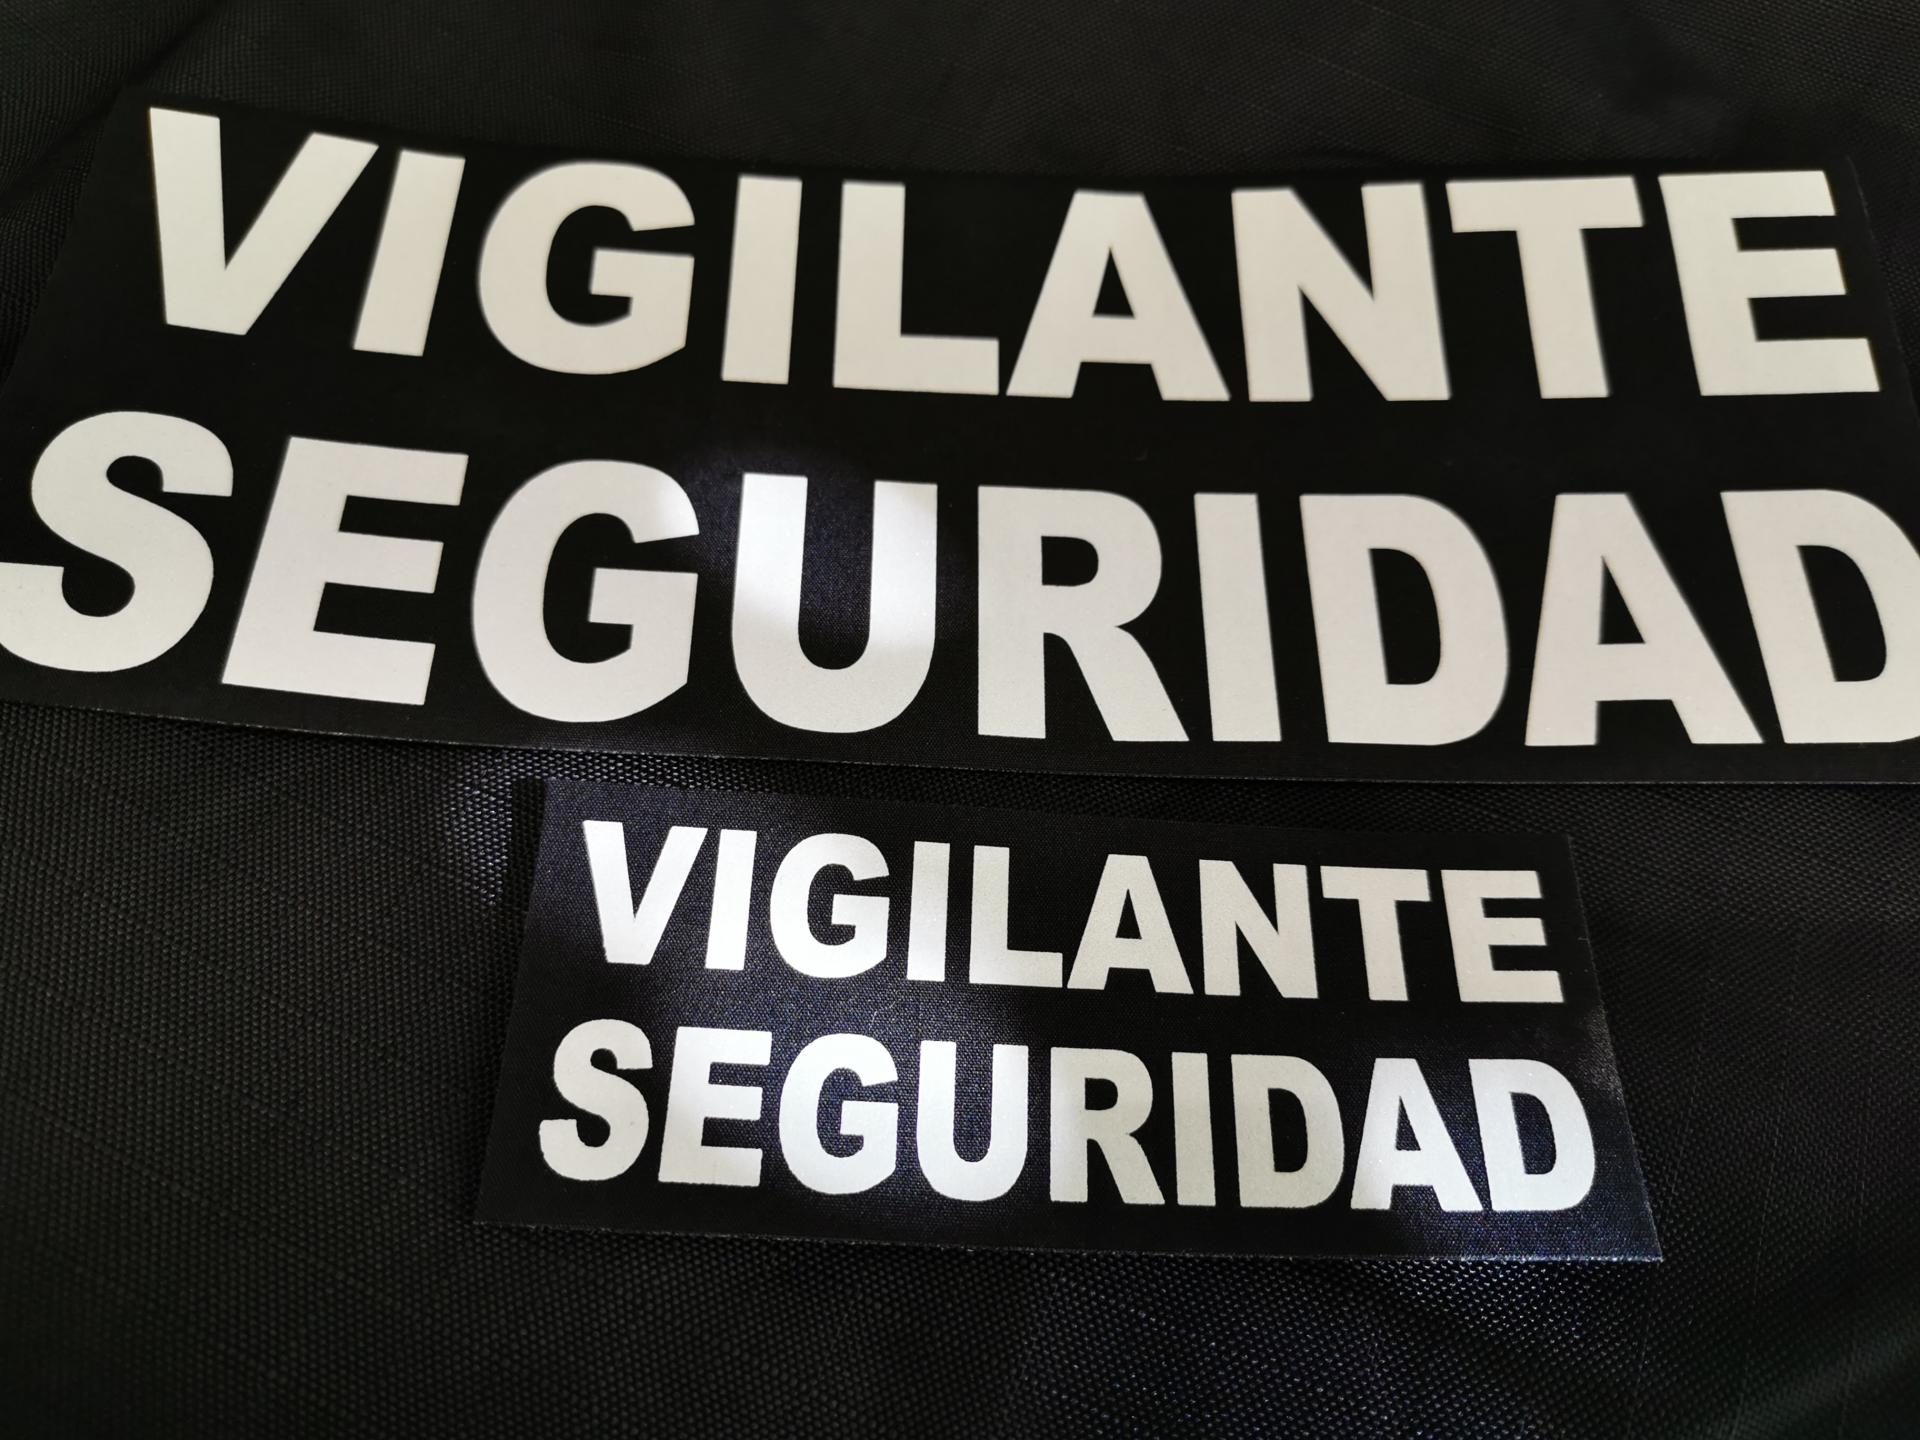 PARCHE VIGILANTE DE SEGURIDAD REFLECTANTE.